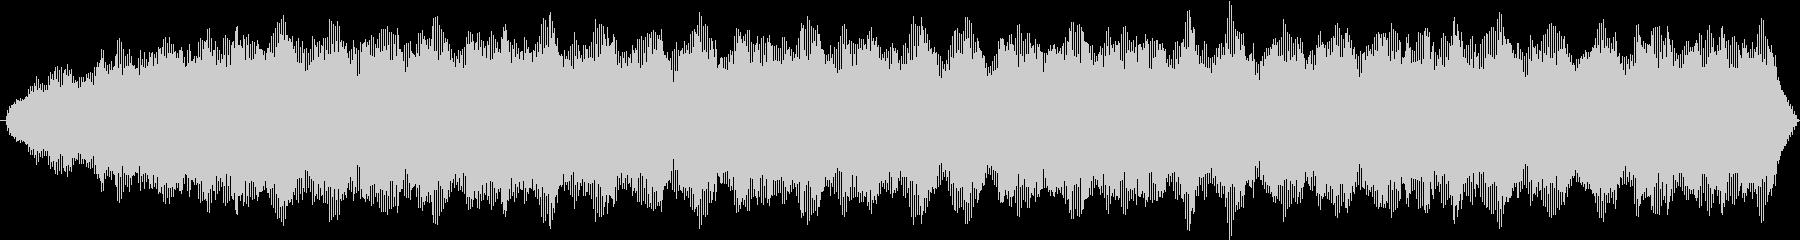 PADS リラクシングエネルギー04の未再生の波形